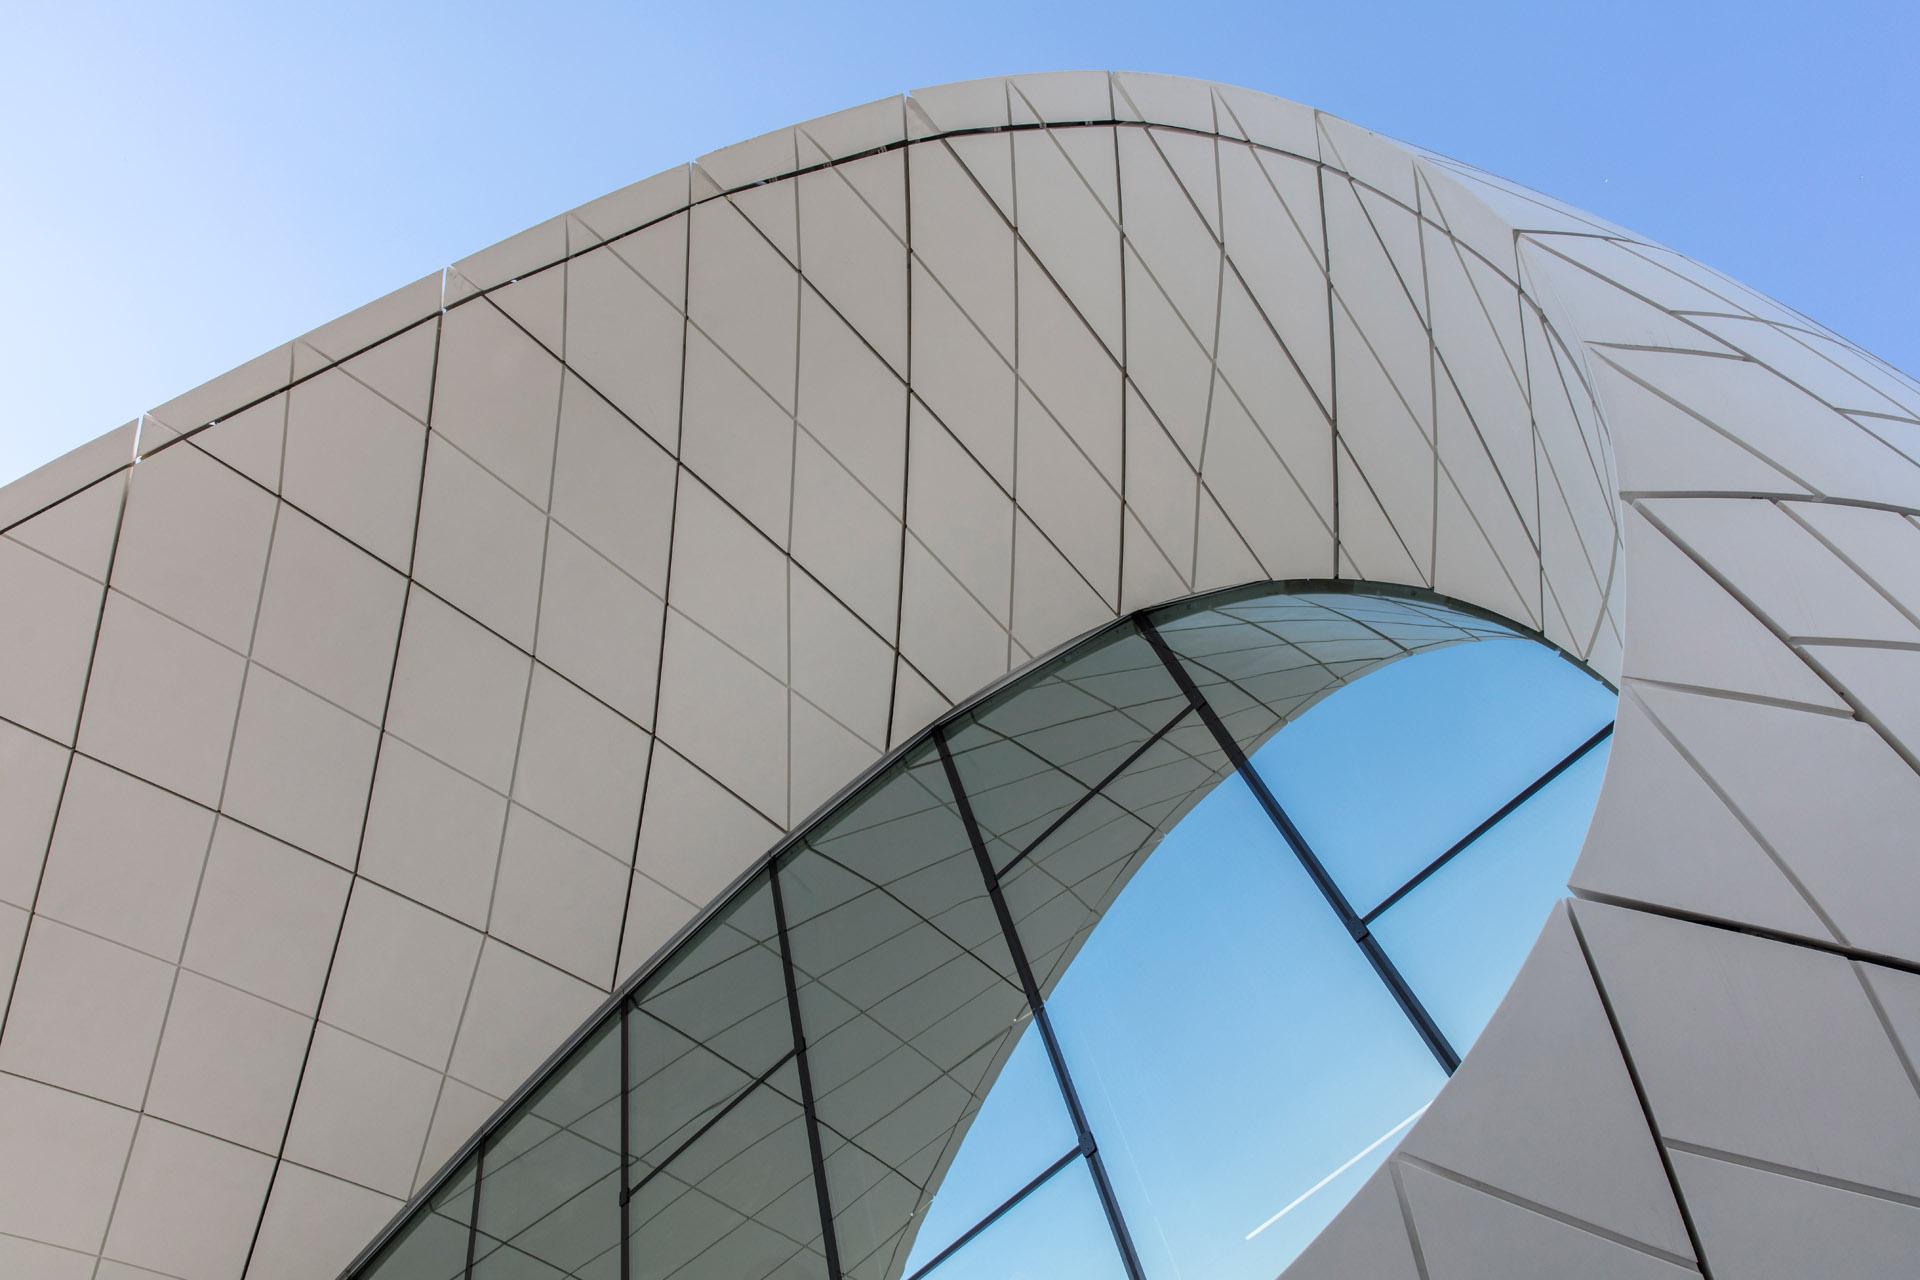 FL111 11 - ETIHAD MUSEUM